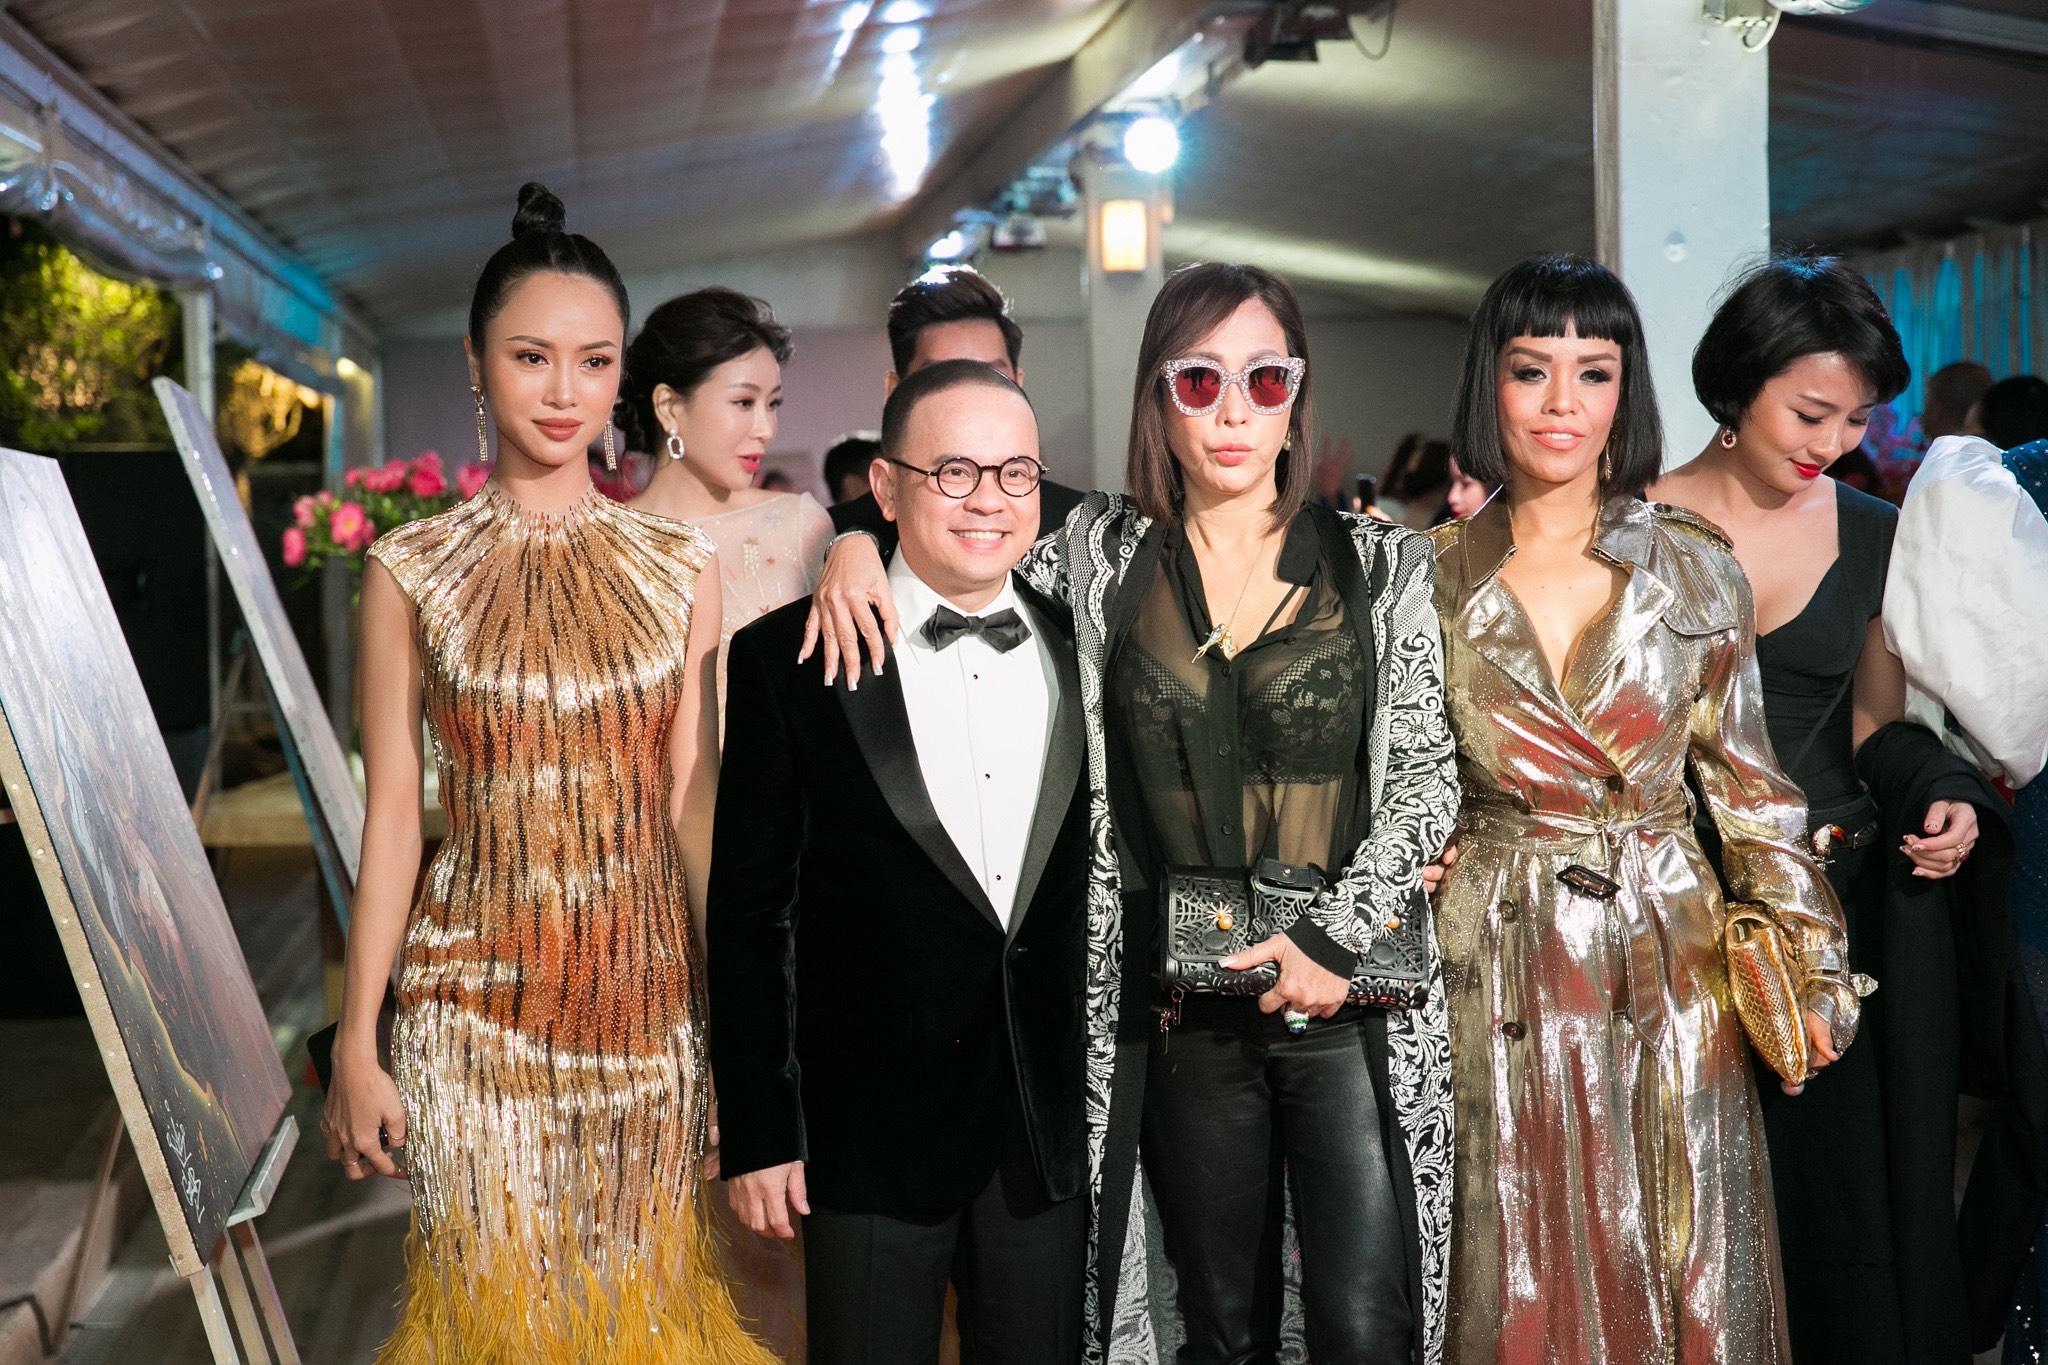 Vũ Ngọc Anh - Quỳnh Hương 'nóng bỏng mắt', Ali Hoàng Dương bảnh bao trong đêm tiệc tại Cannes 2018